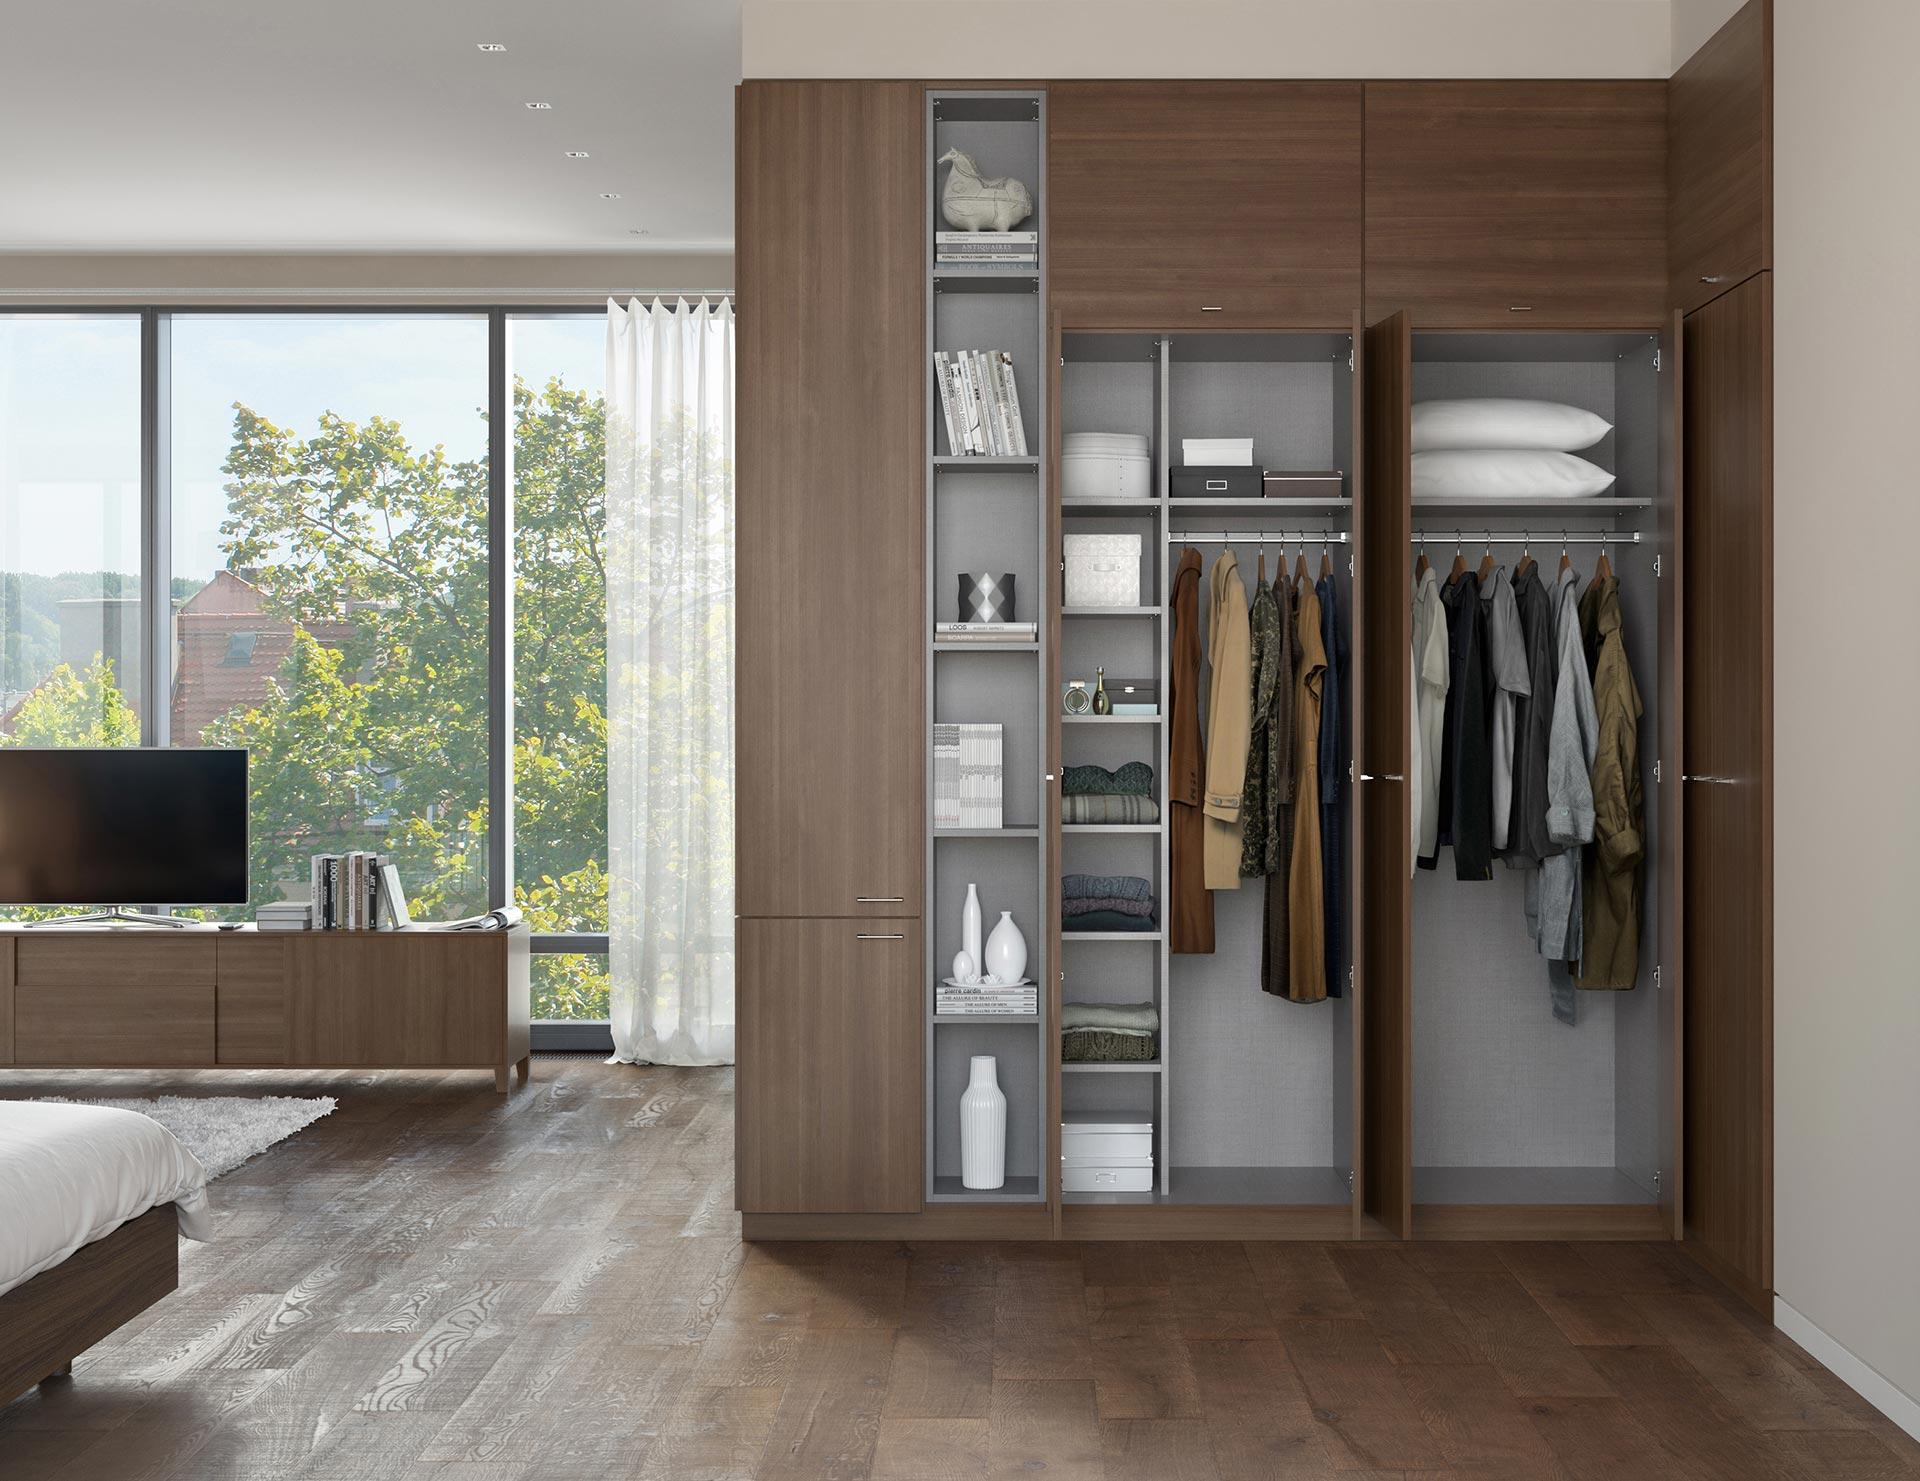 Wardrobe Closets Custom Wardrobe Closet Systems For Your Bedroom